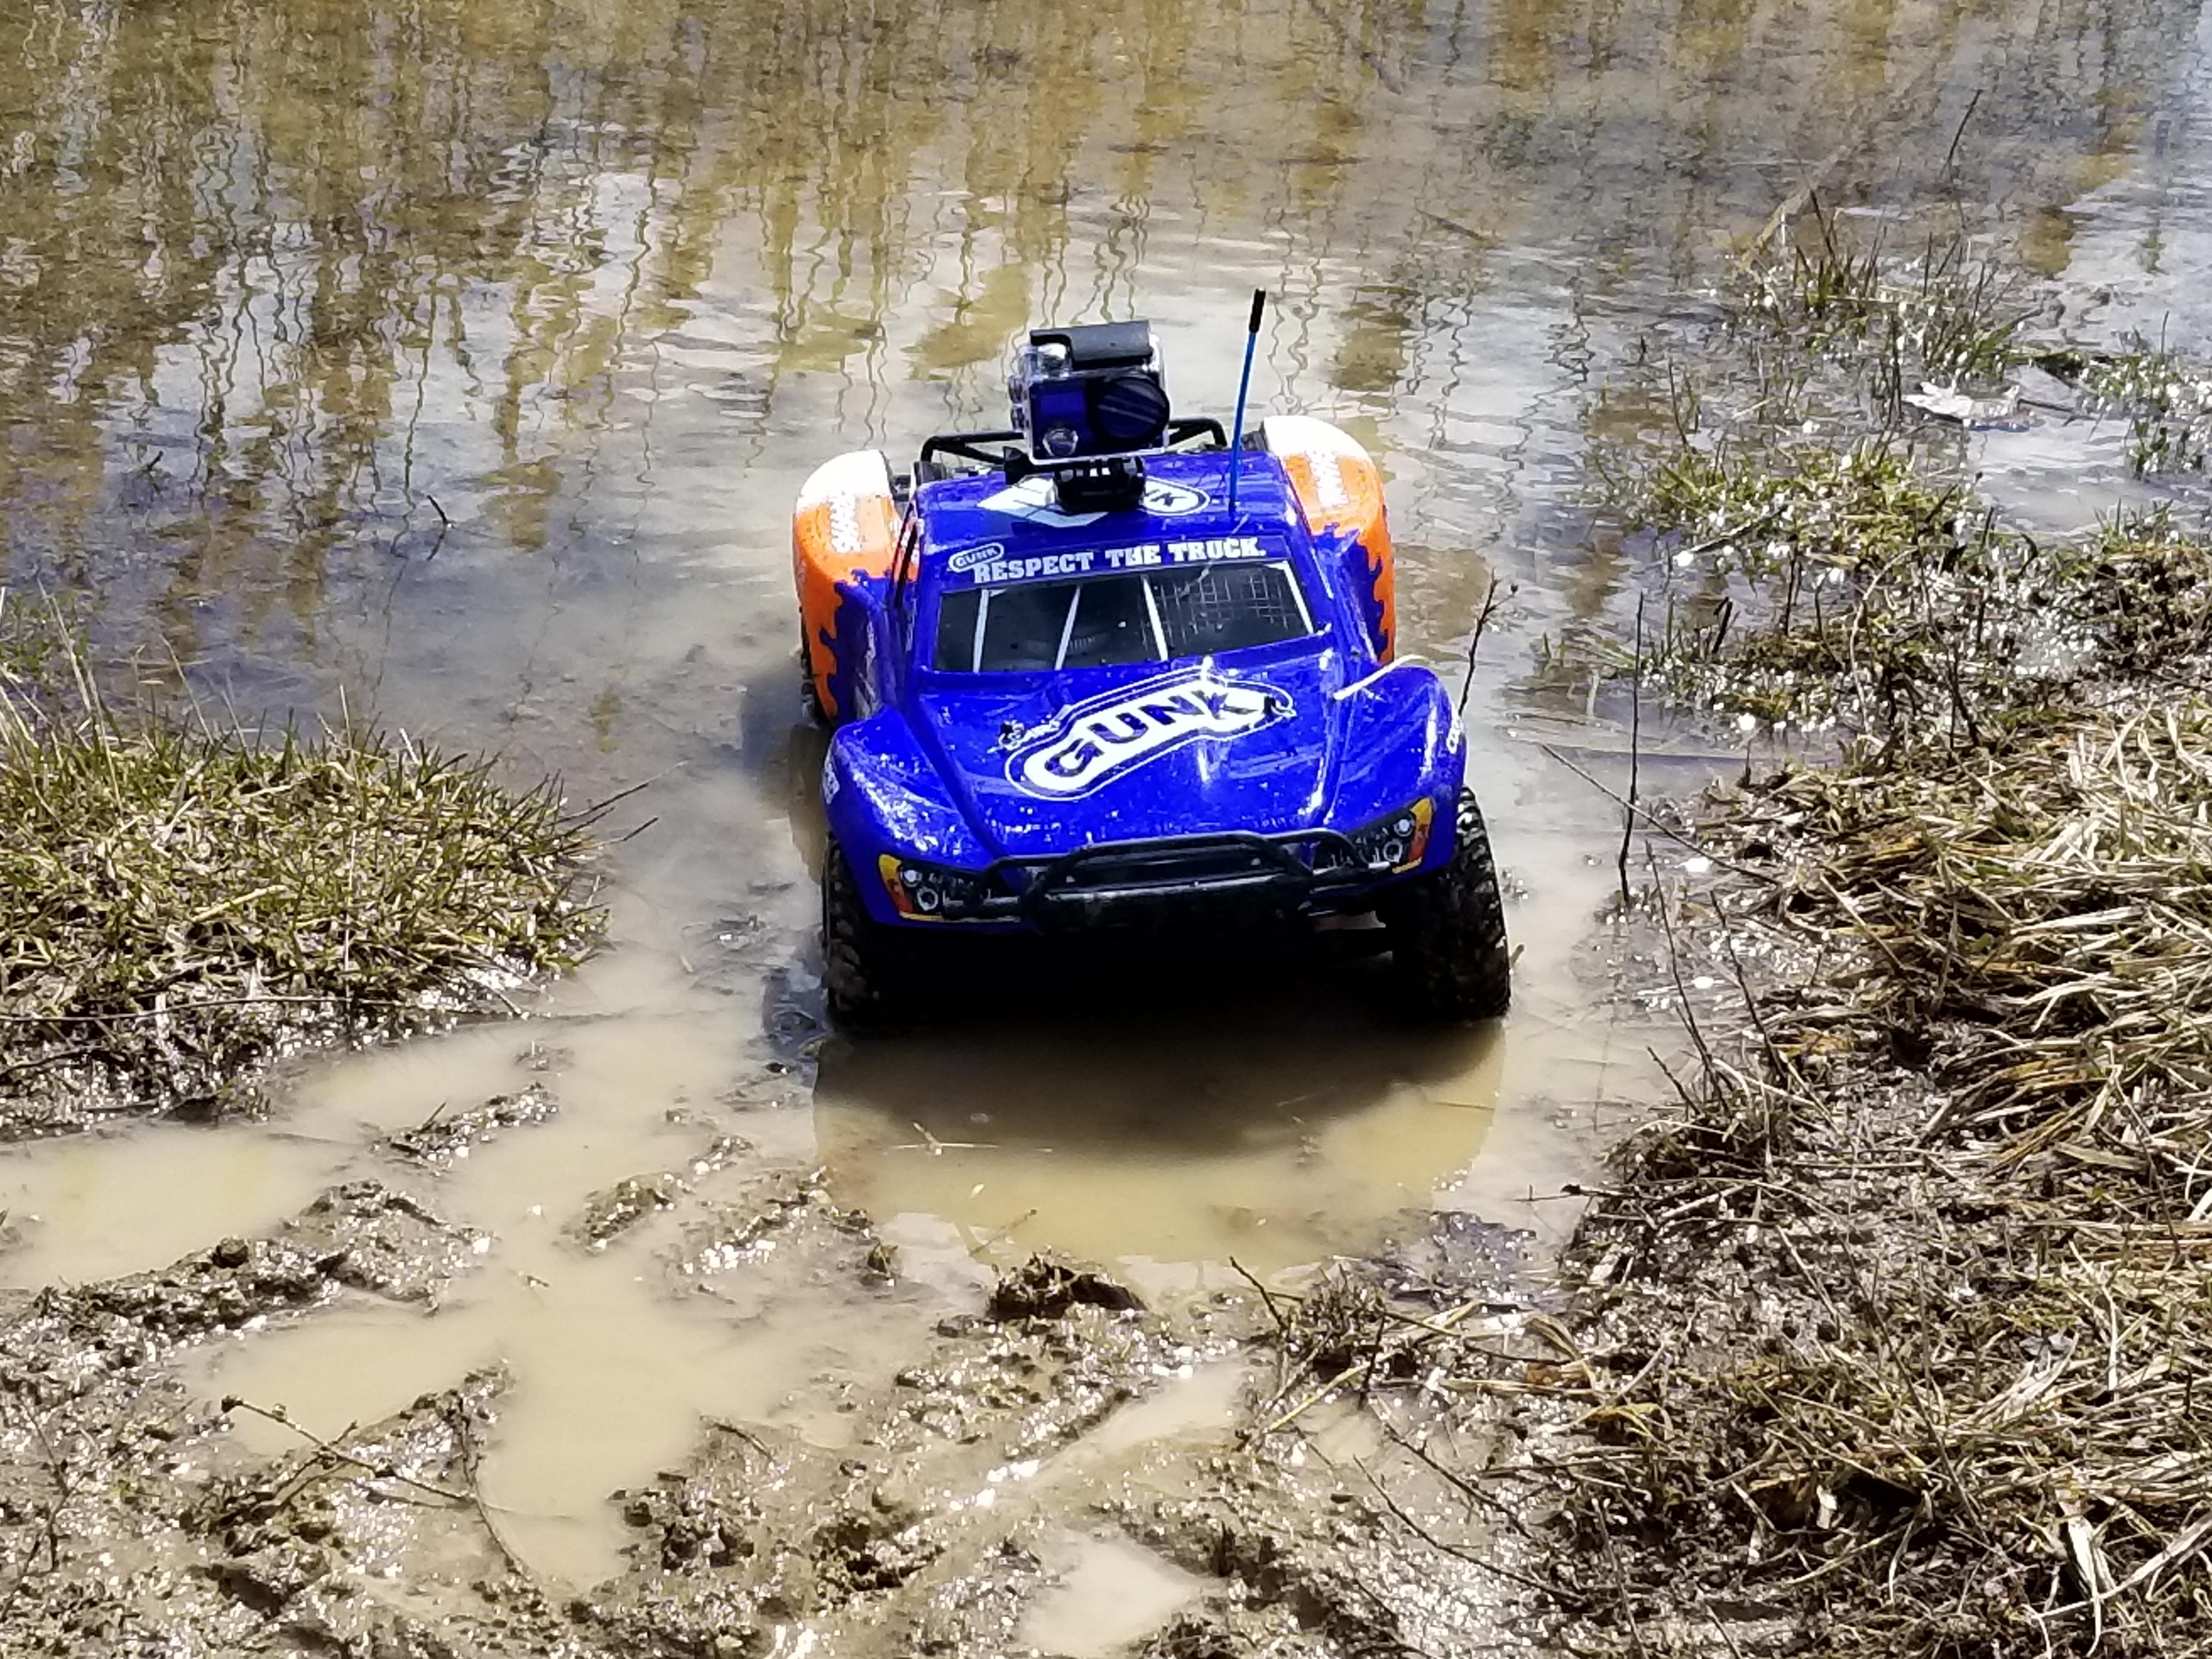 Is the Traxxas Slash waterproof